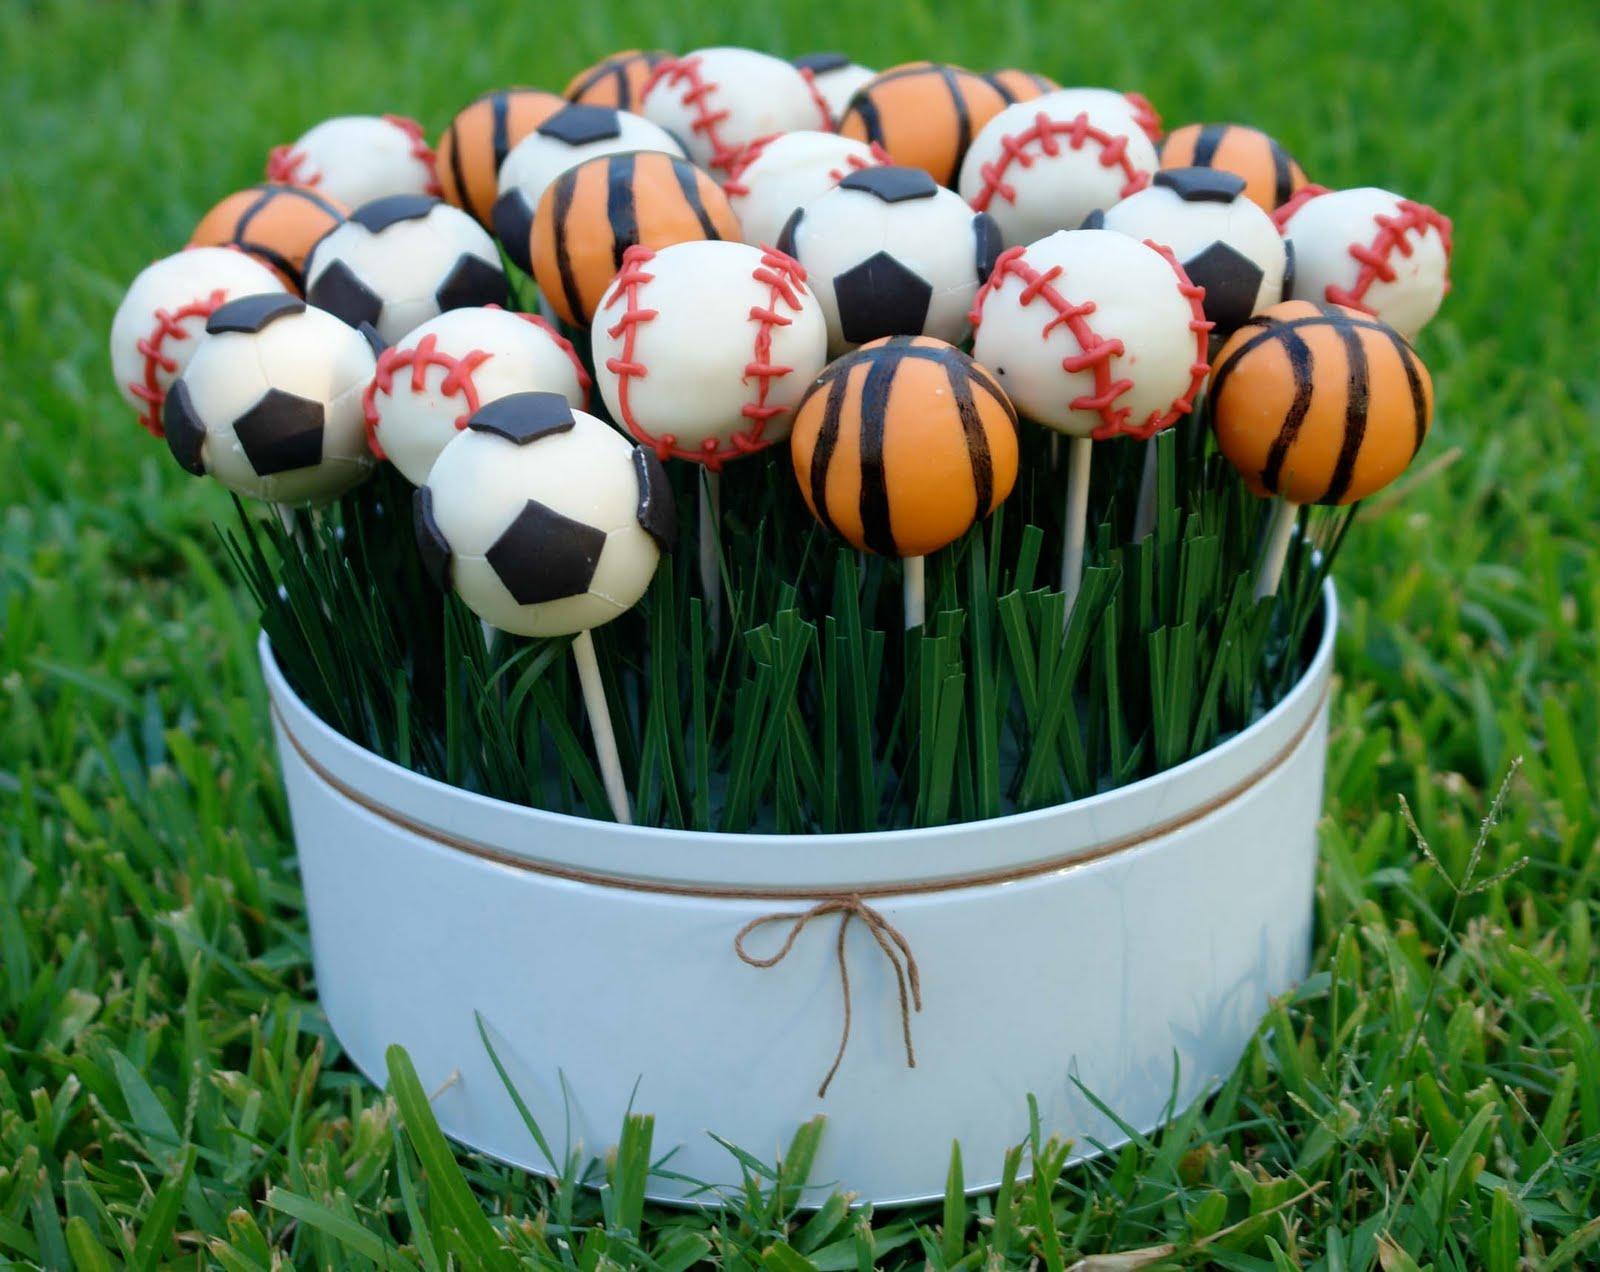 K Bakes Sports Themed Cake Pops